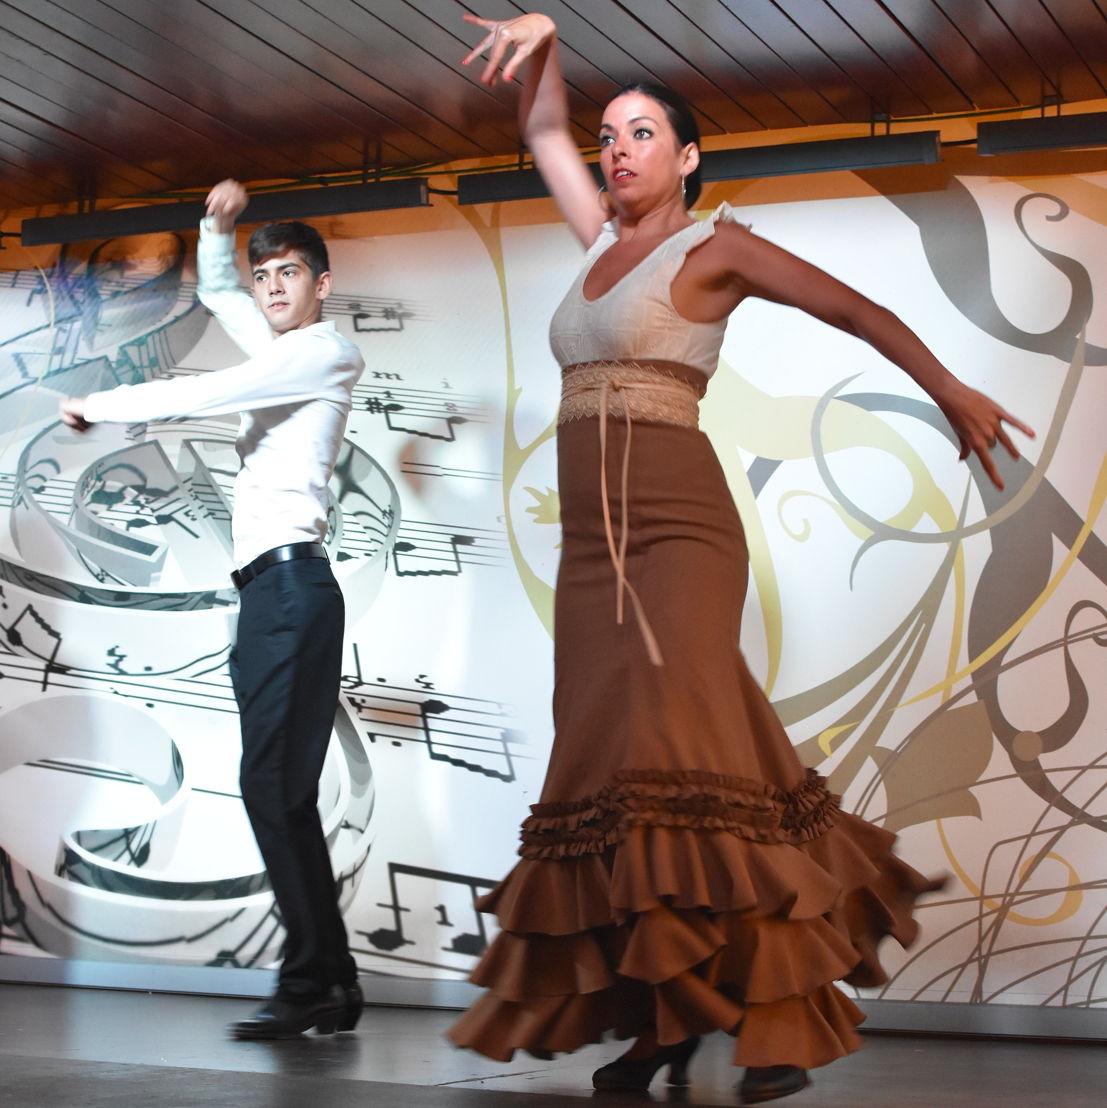 Spanish culture - Flamenco dancing.